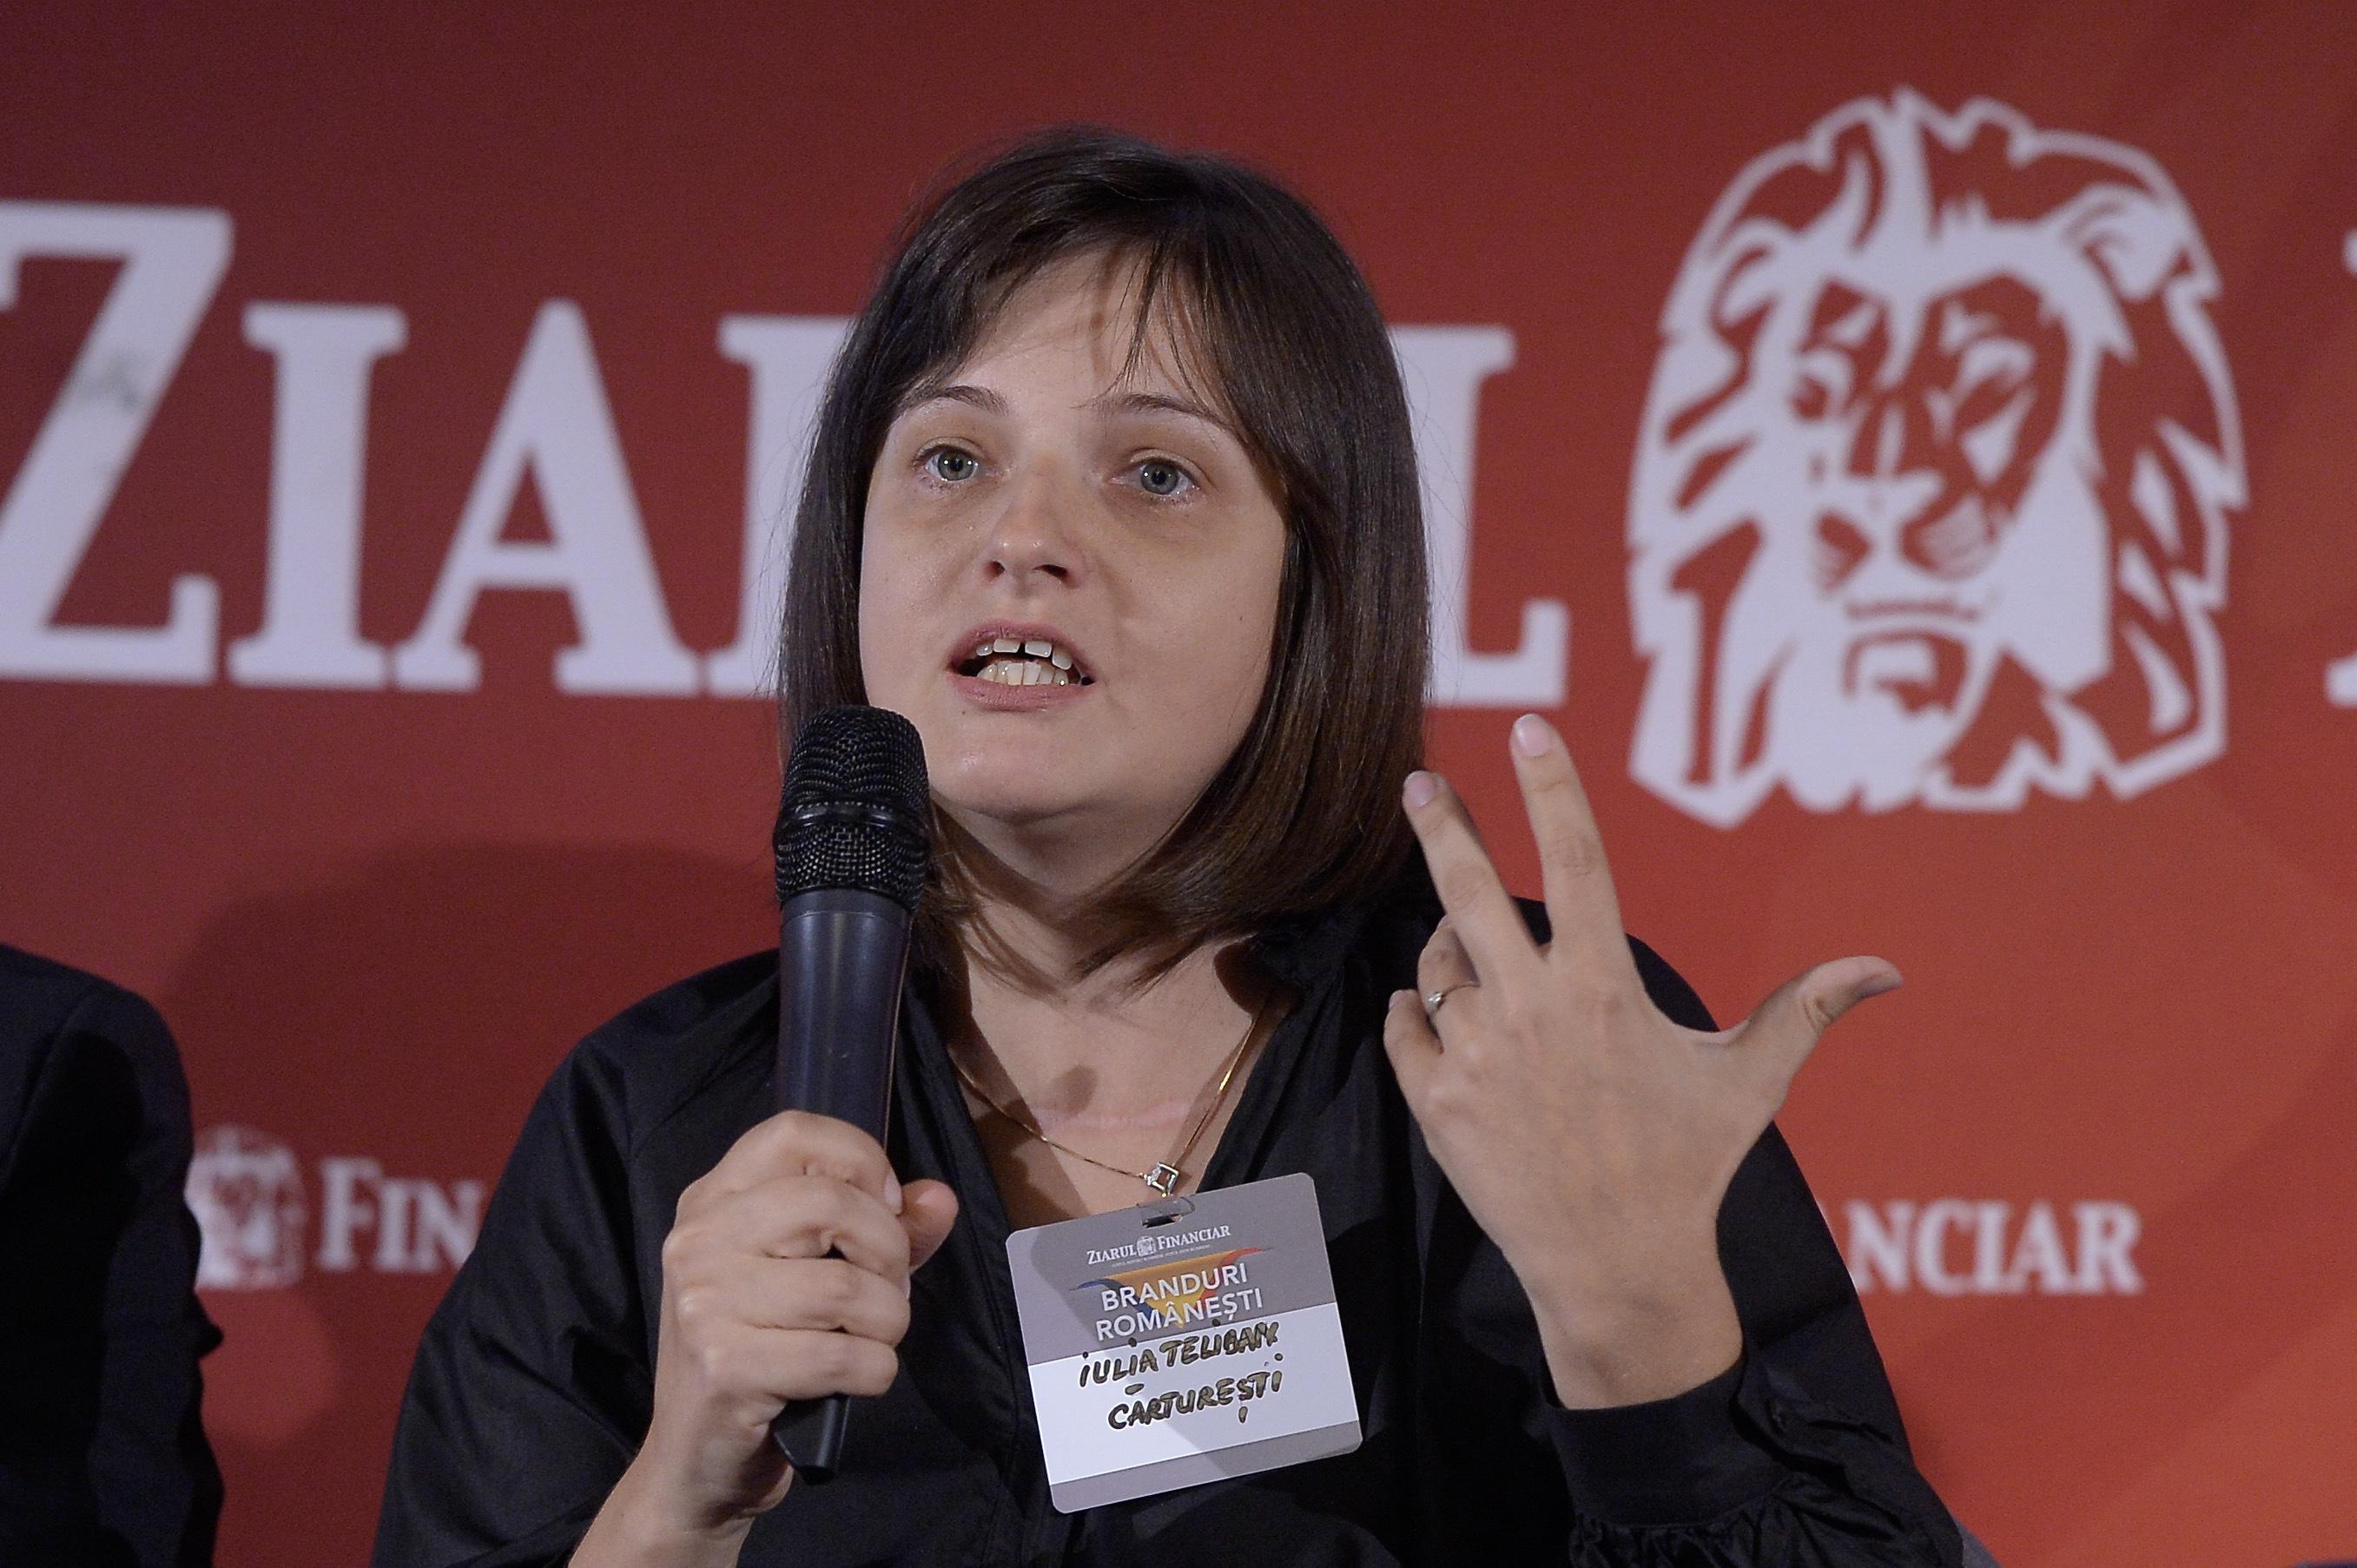 Iulia Teliban, Cărtureşti: Avem multe cereri să ieşim în pieţe externe, dar nu avem planuri clare. Până acum am deschis în Chişinău